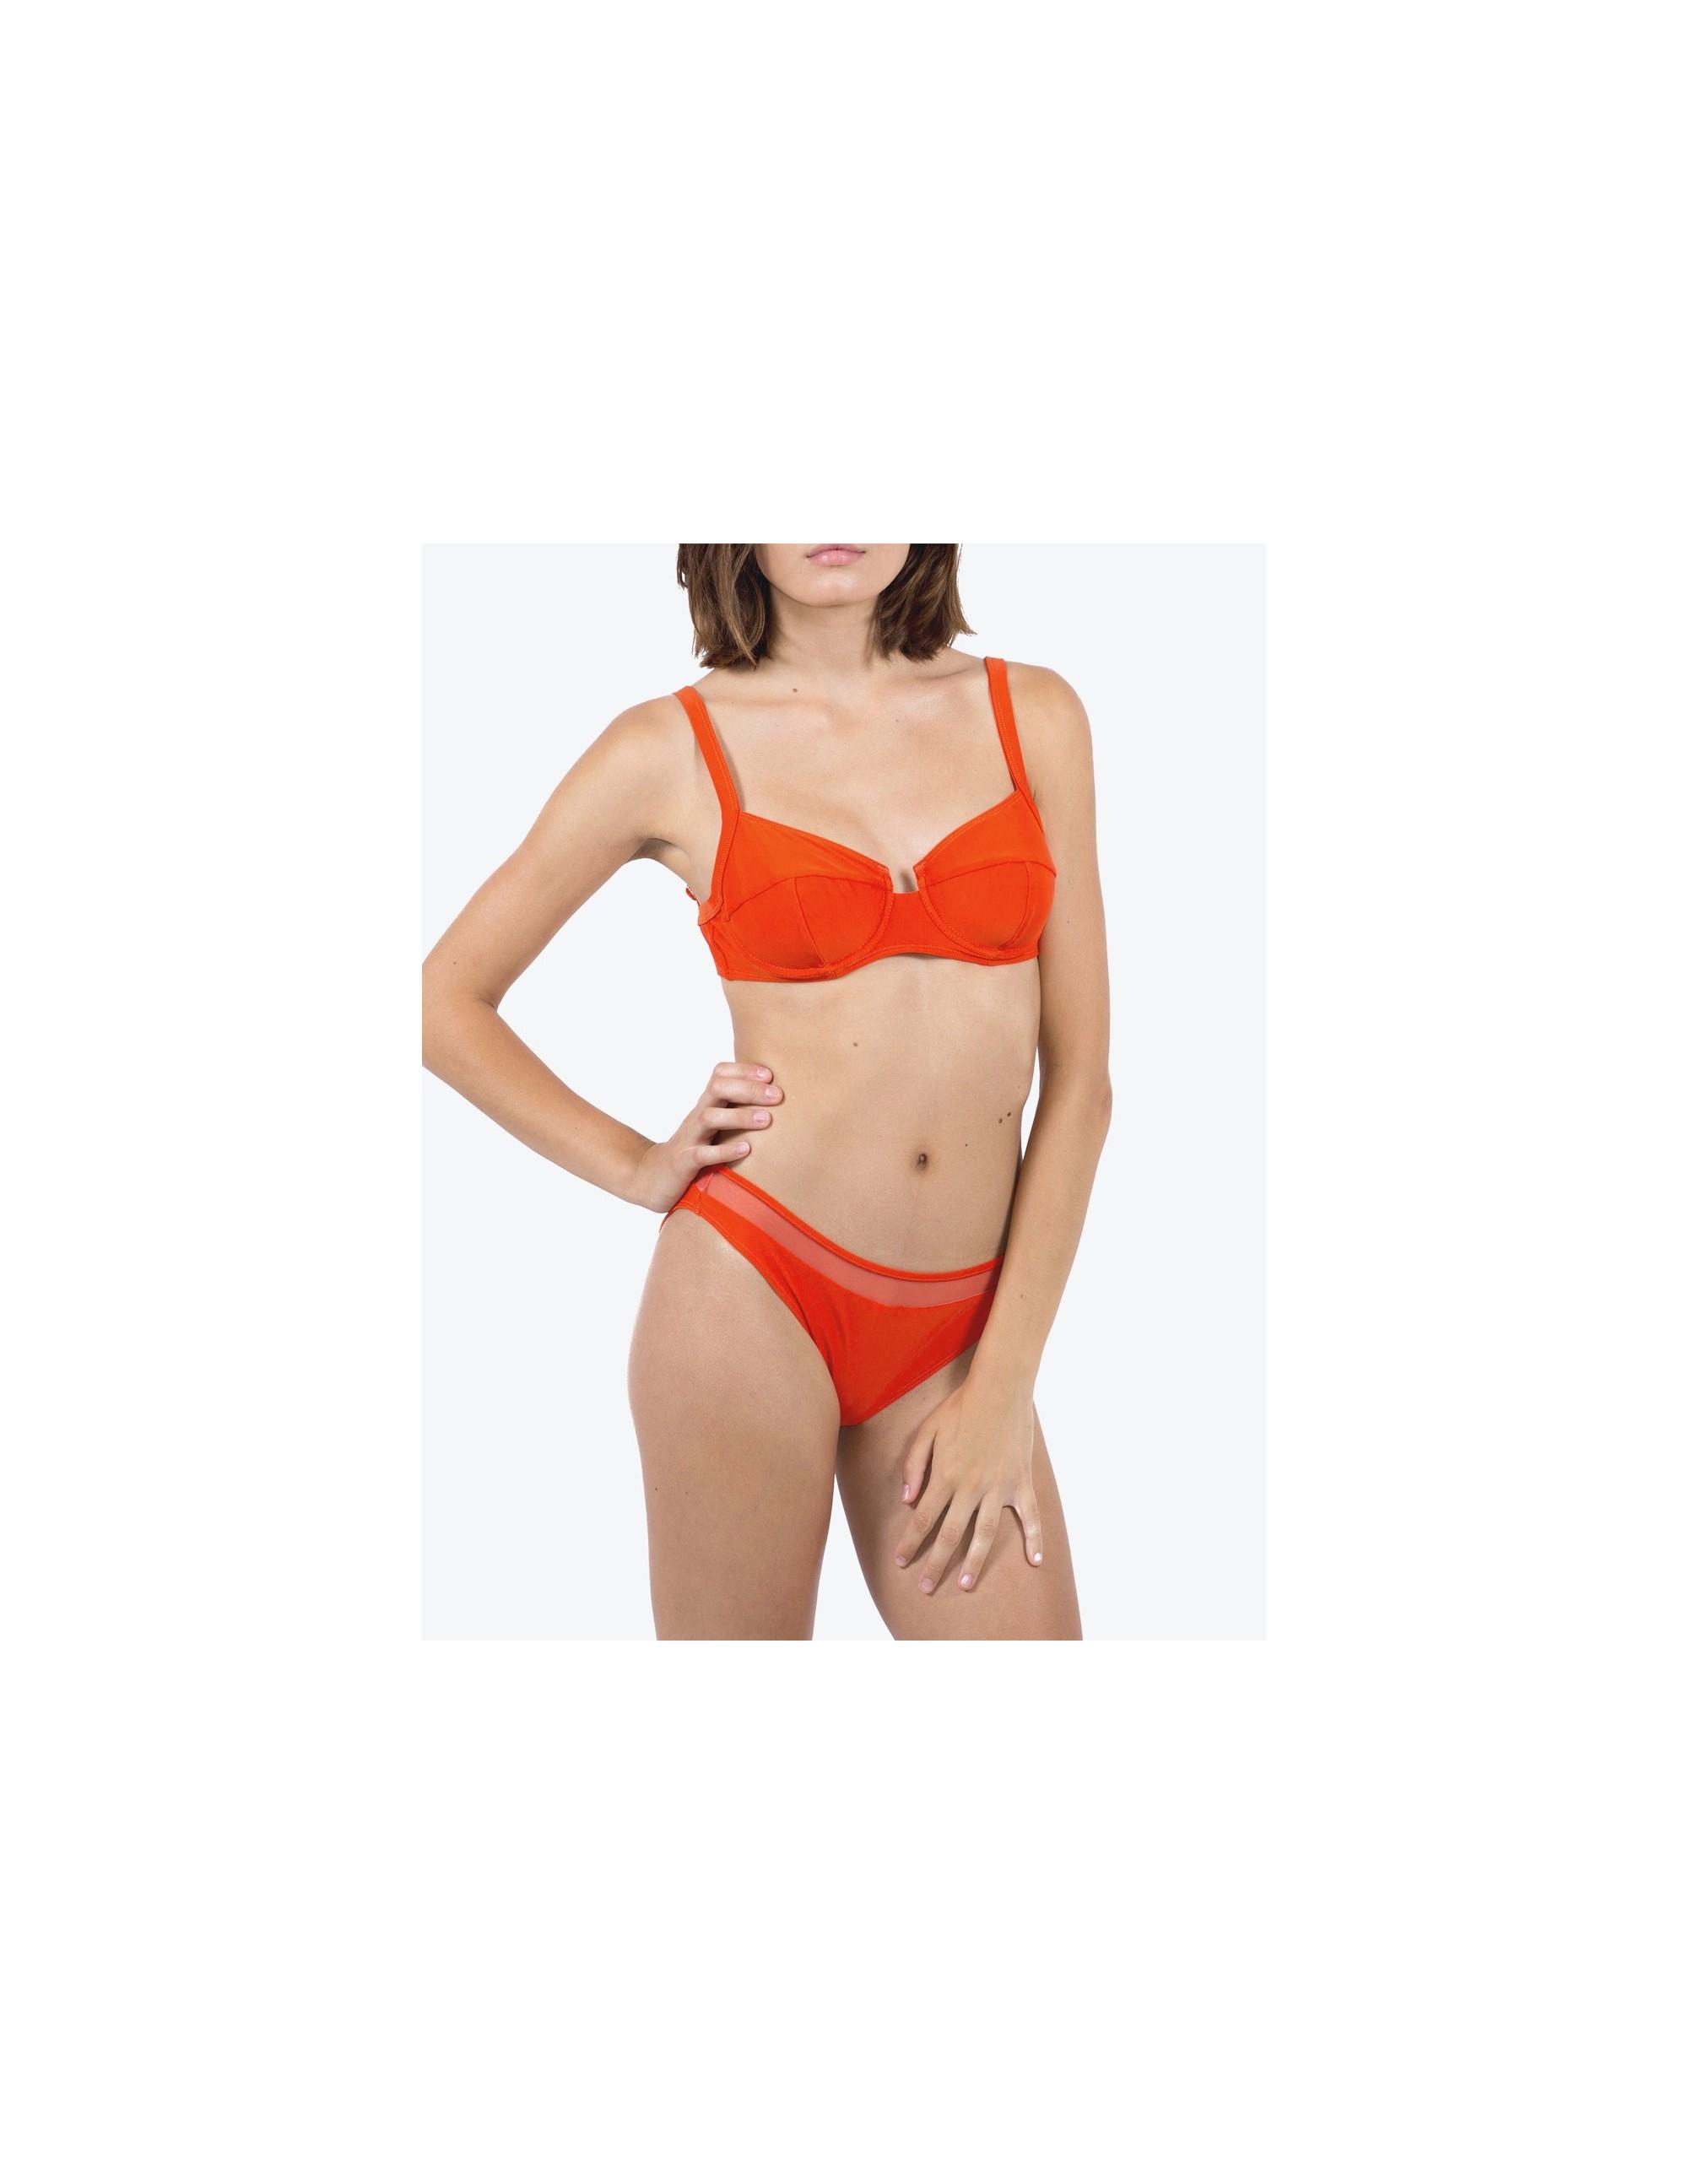 NAOS bikini top - CHARACTER RED